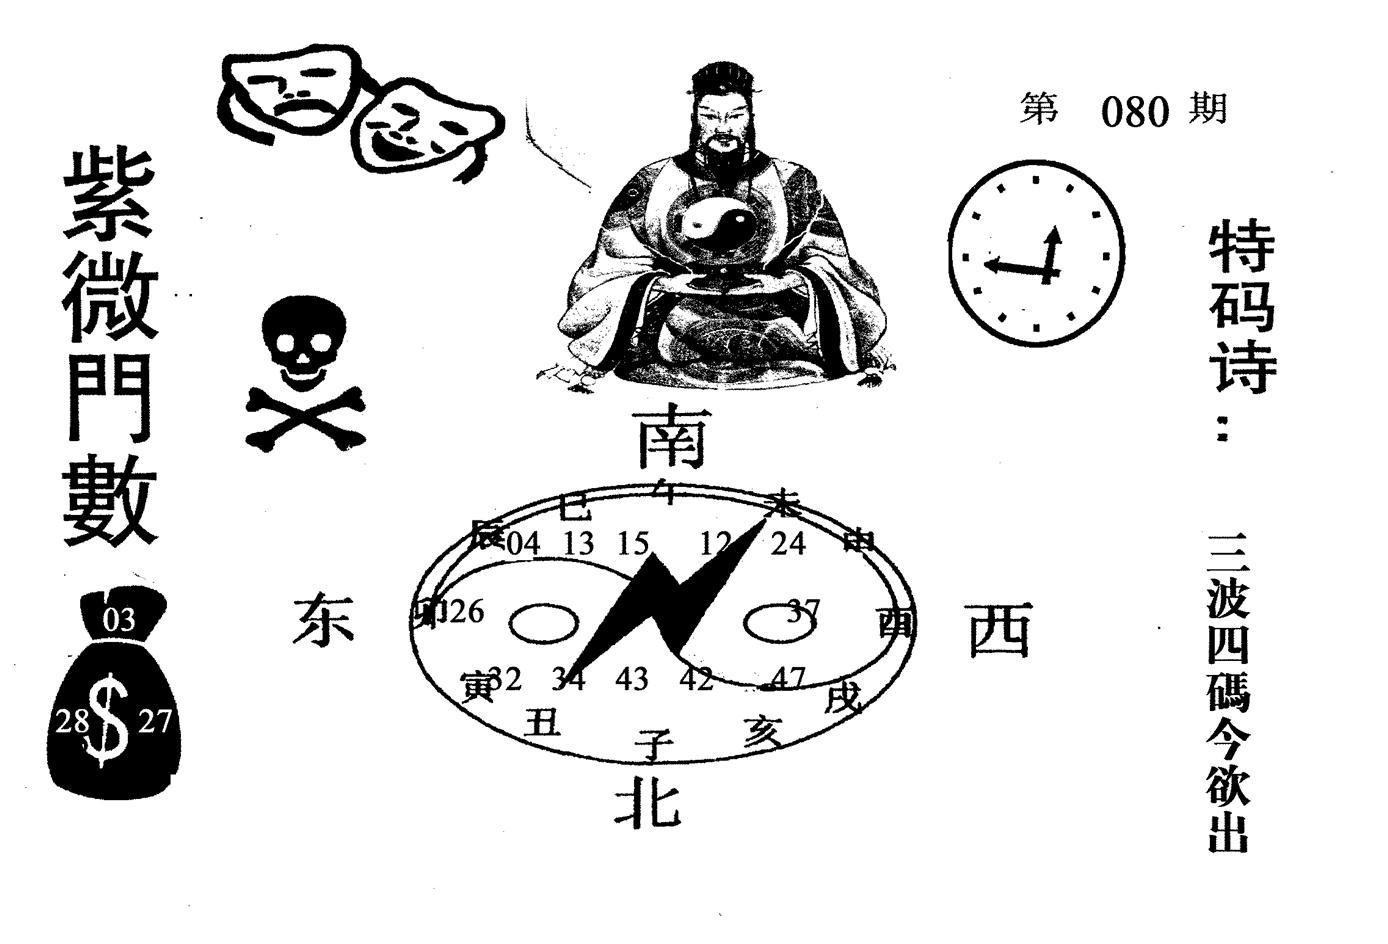 080期老版紫微倒数(黑白)